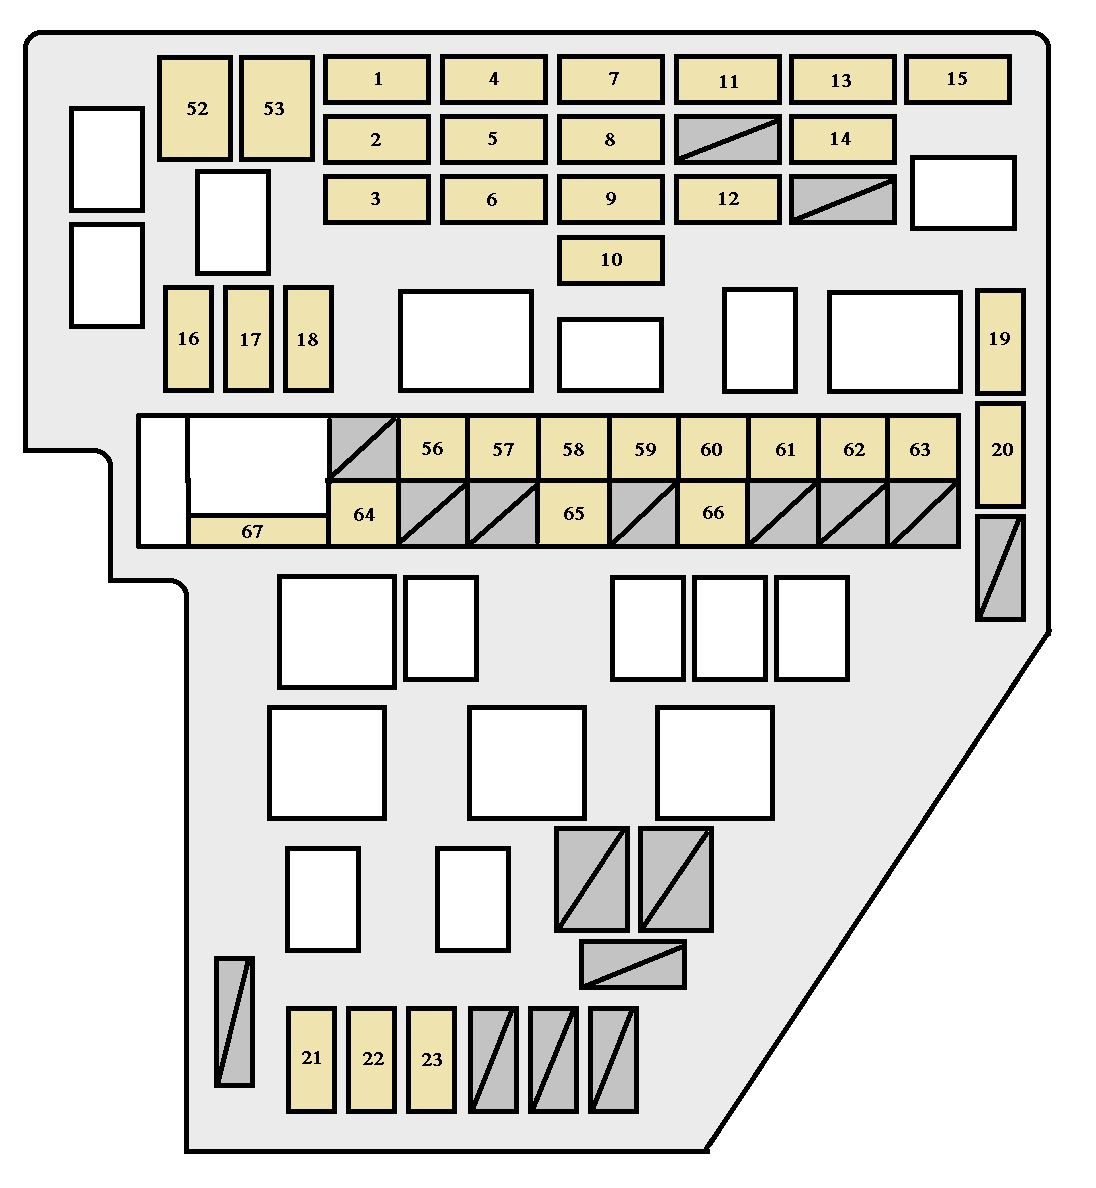 2005 Toyota Sienna Fuse Diagram Best Wiring Diagrams Inspector Inspector Ekoegur Es